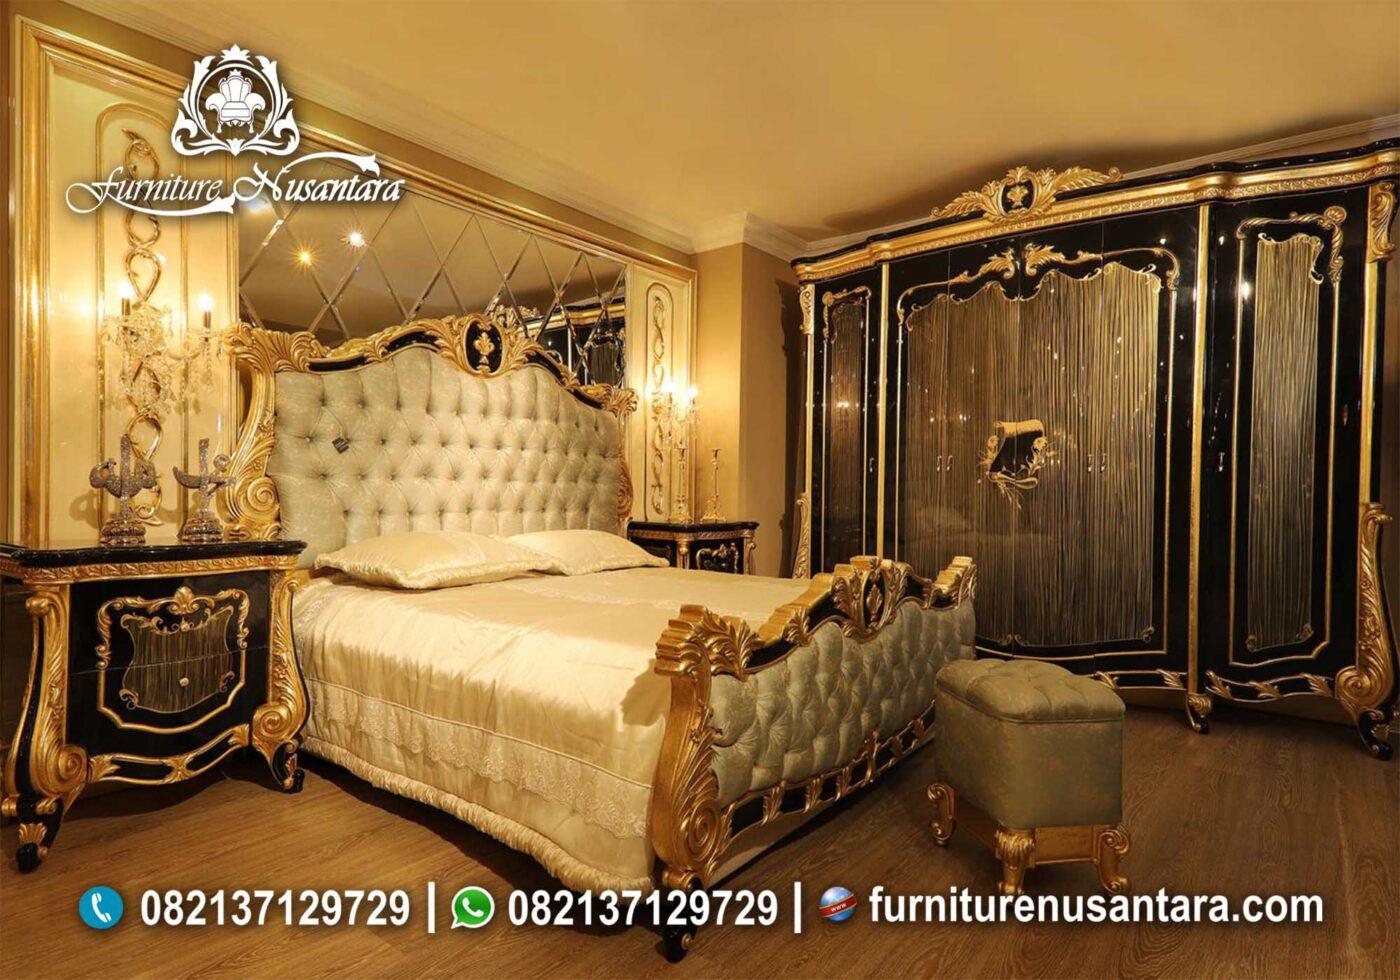 Desain Kamar Mewah Timur Tengah KS-39, Furniture Nusantara